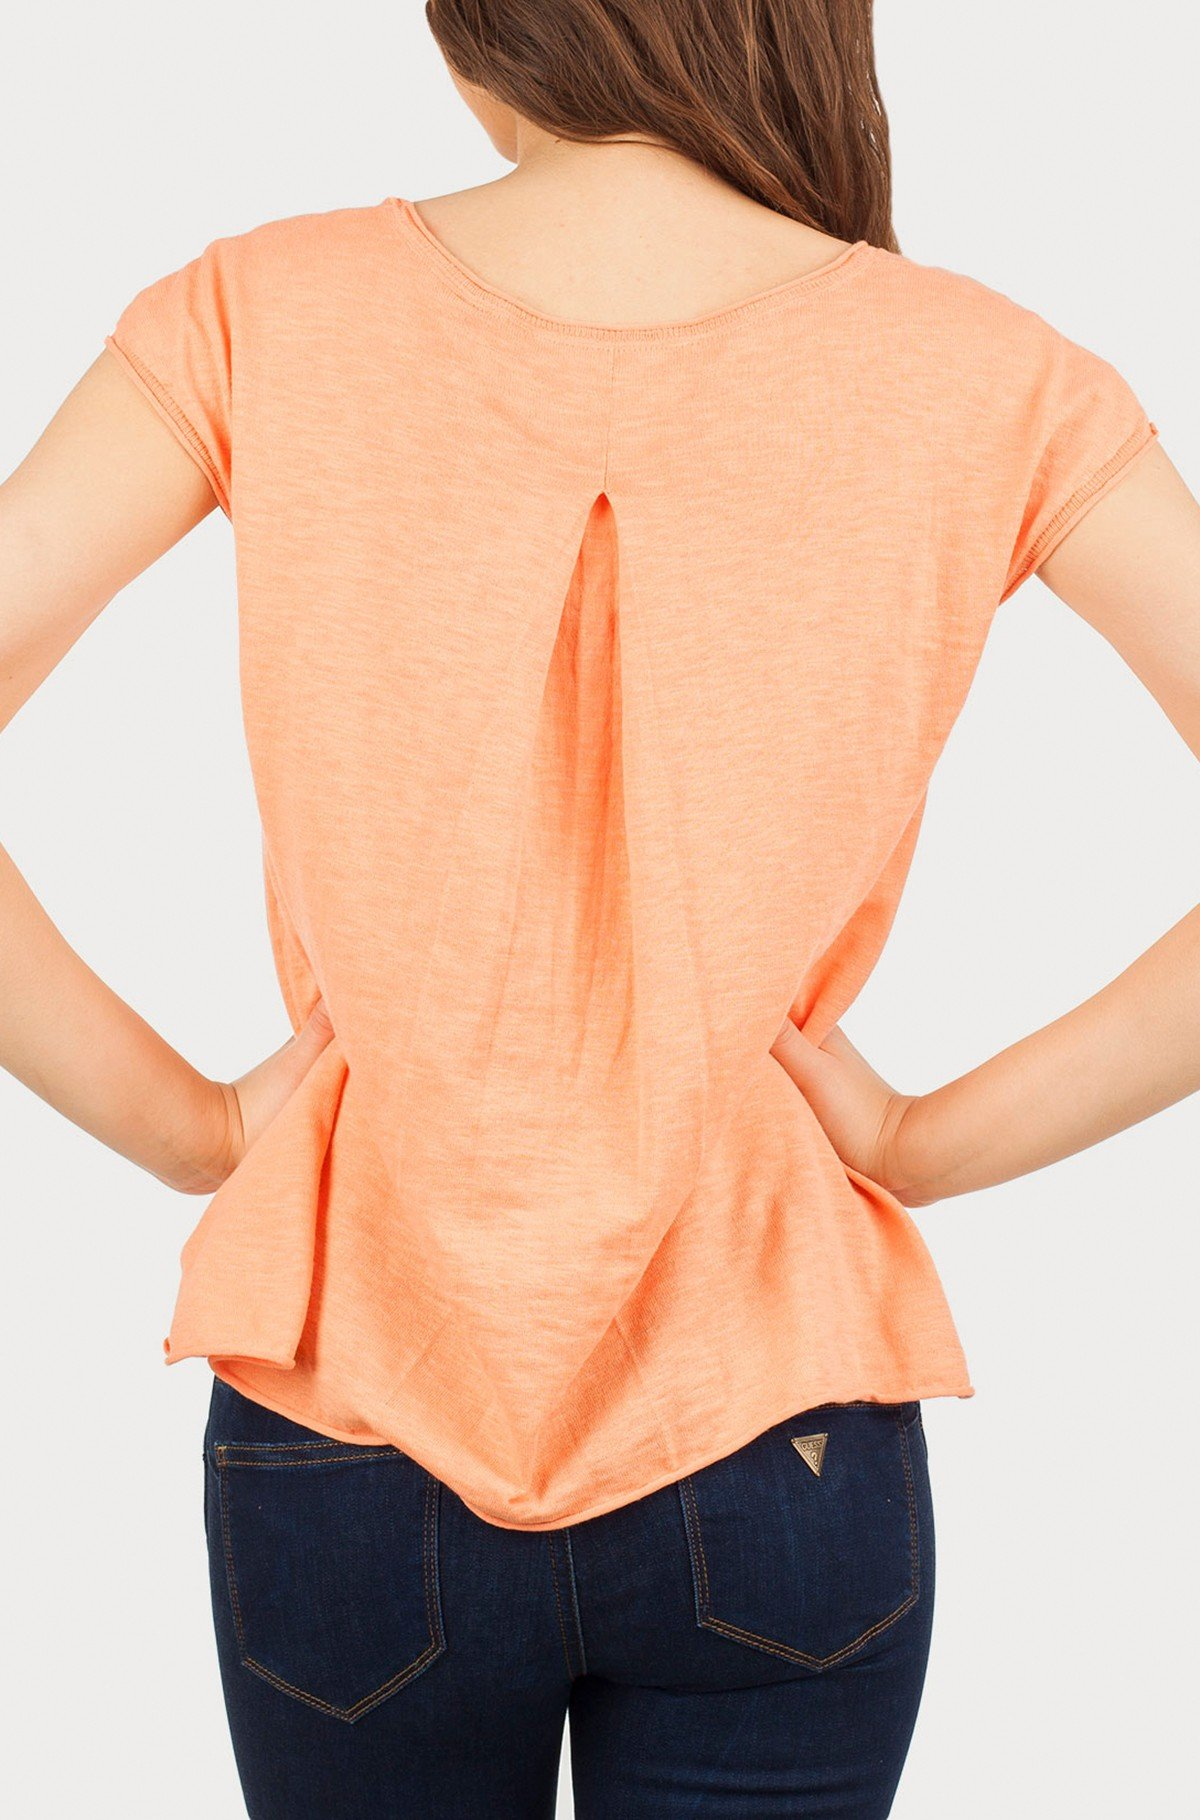 Shirt 504 5039 62043-full-2